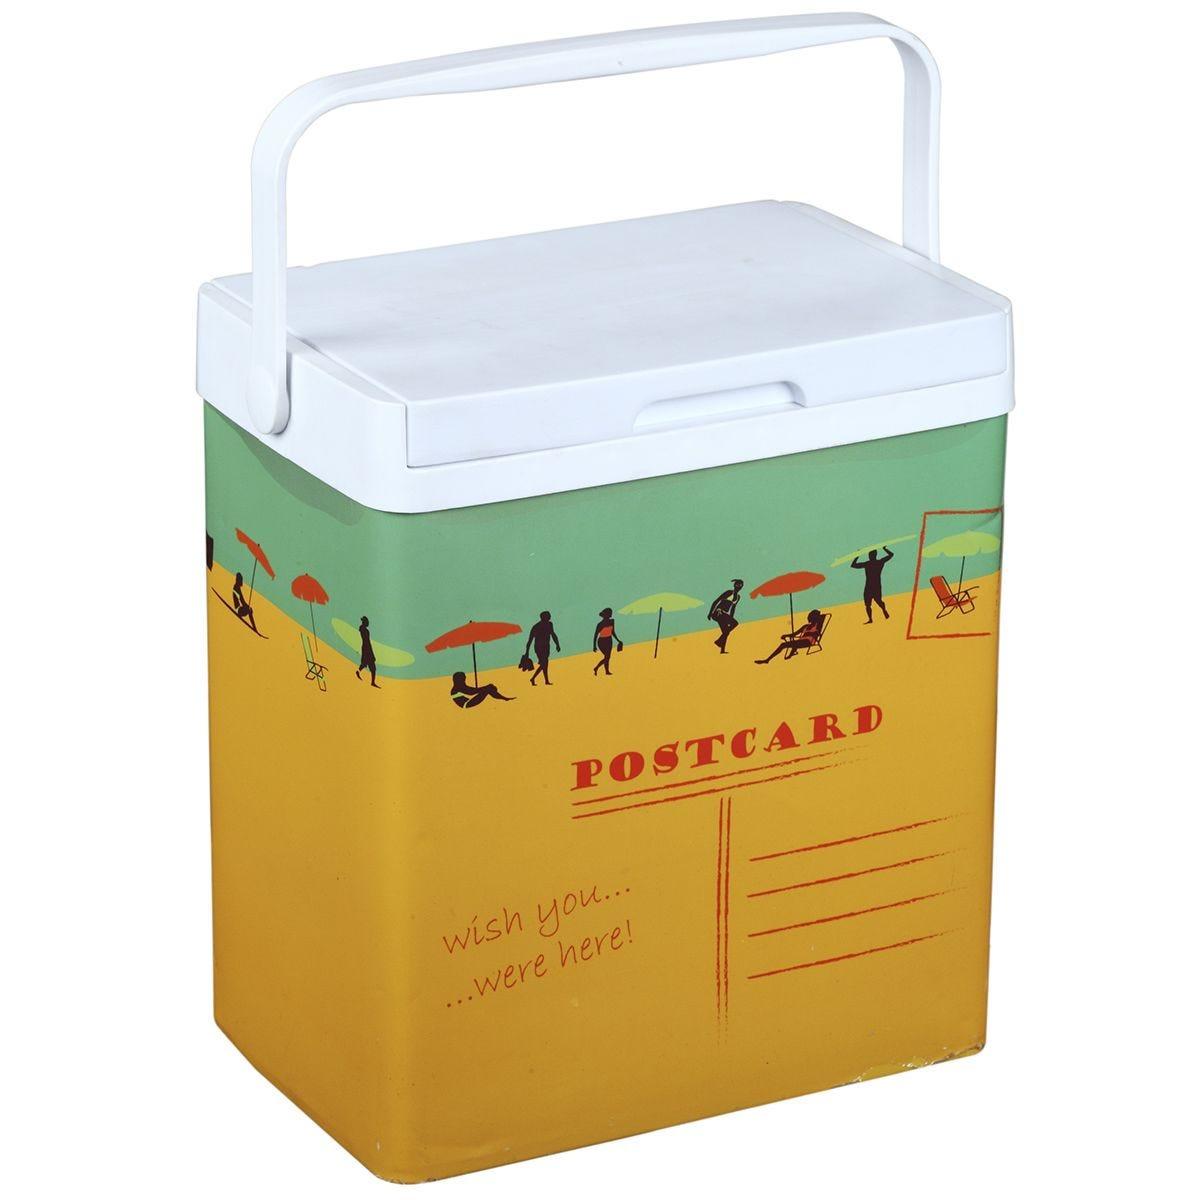 Postcard Cooler Box - 25L